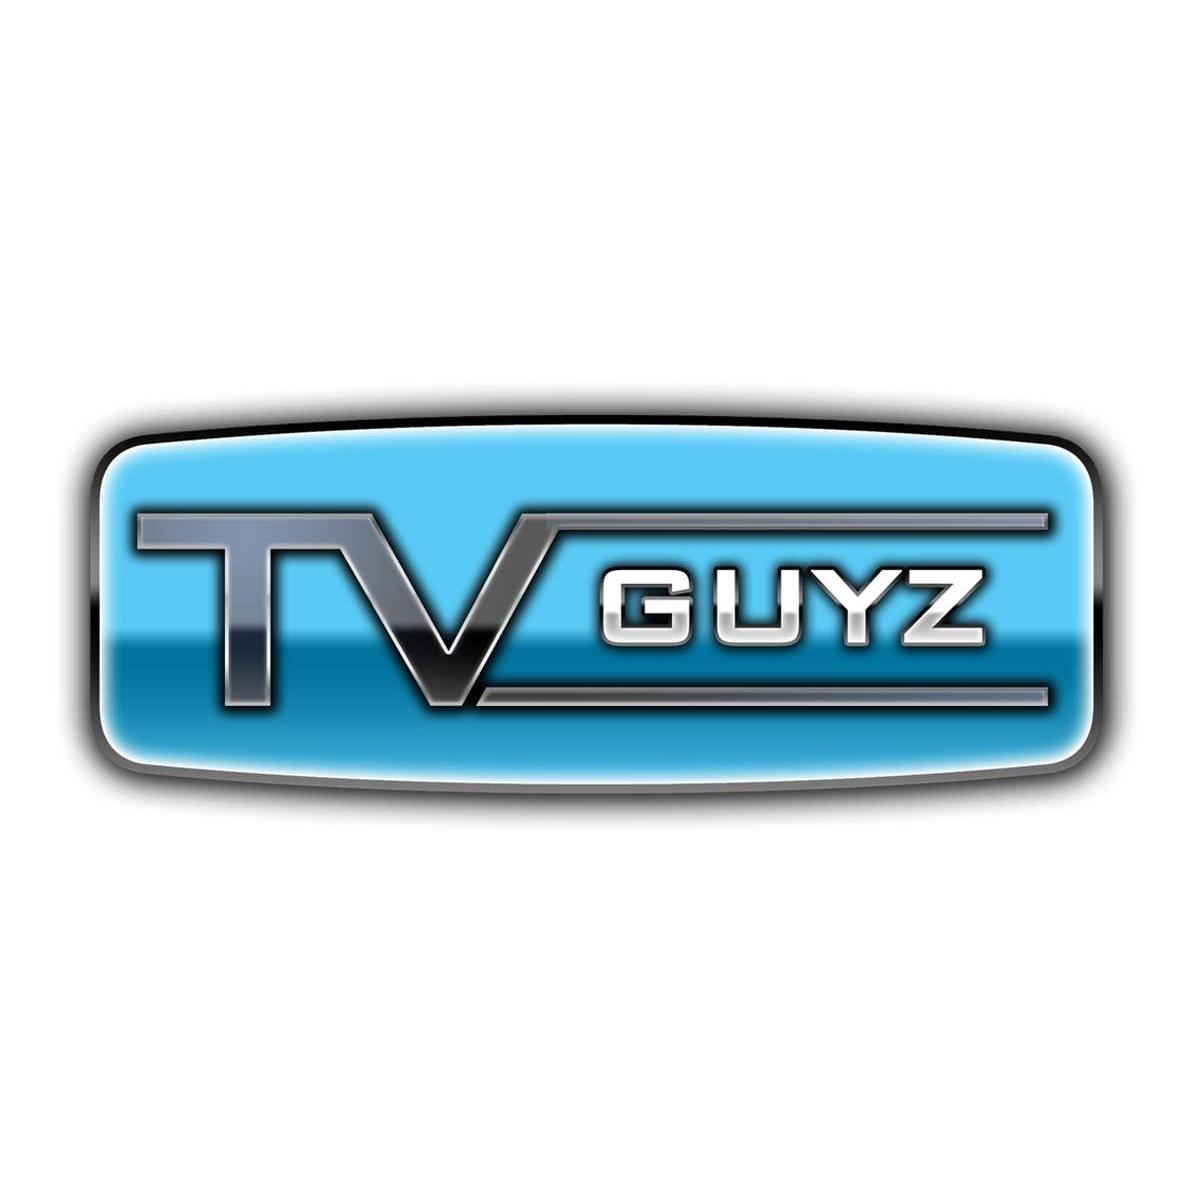 TV GUYZ - Fresno, CA 93726 - (559)493-8403 | ShowMeLocal.com